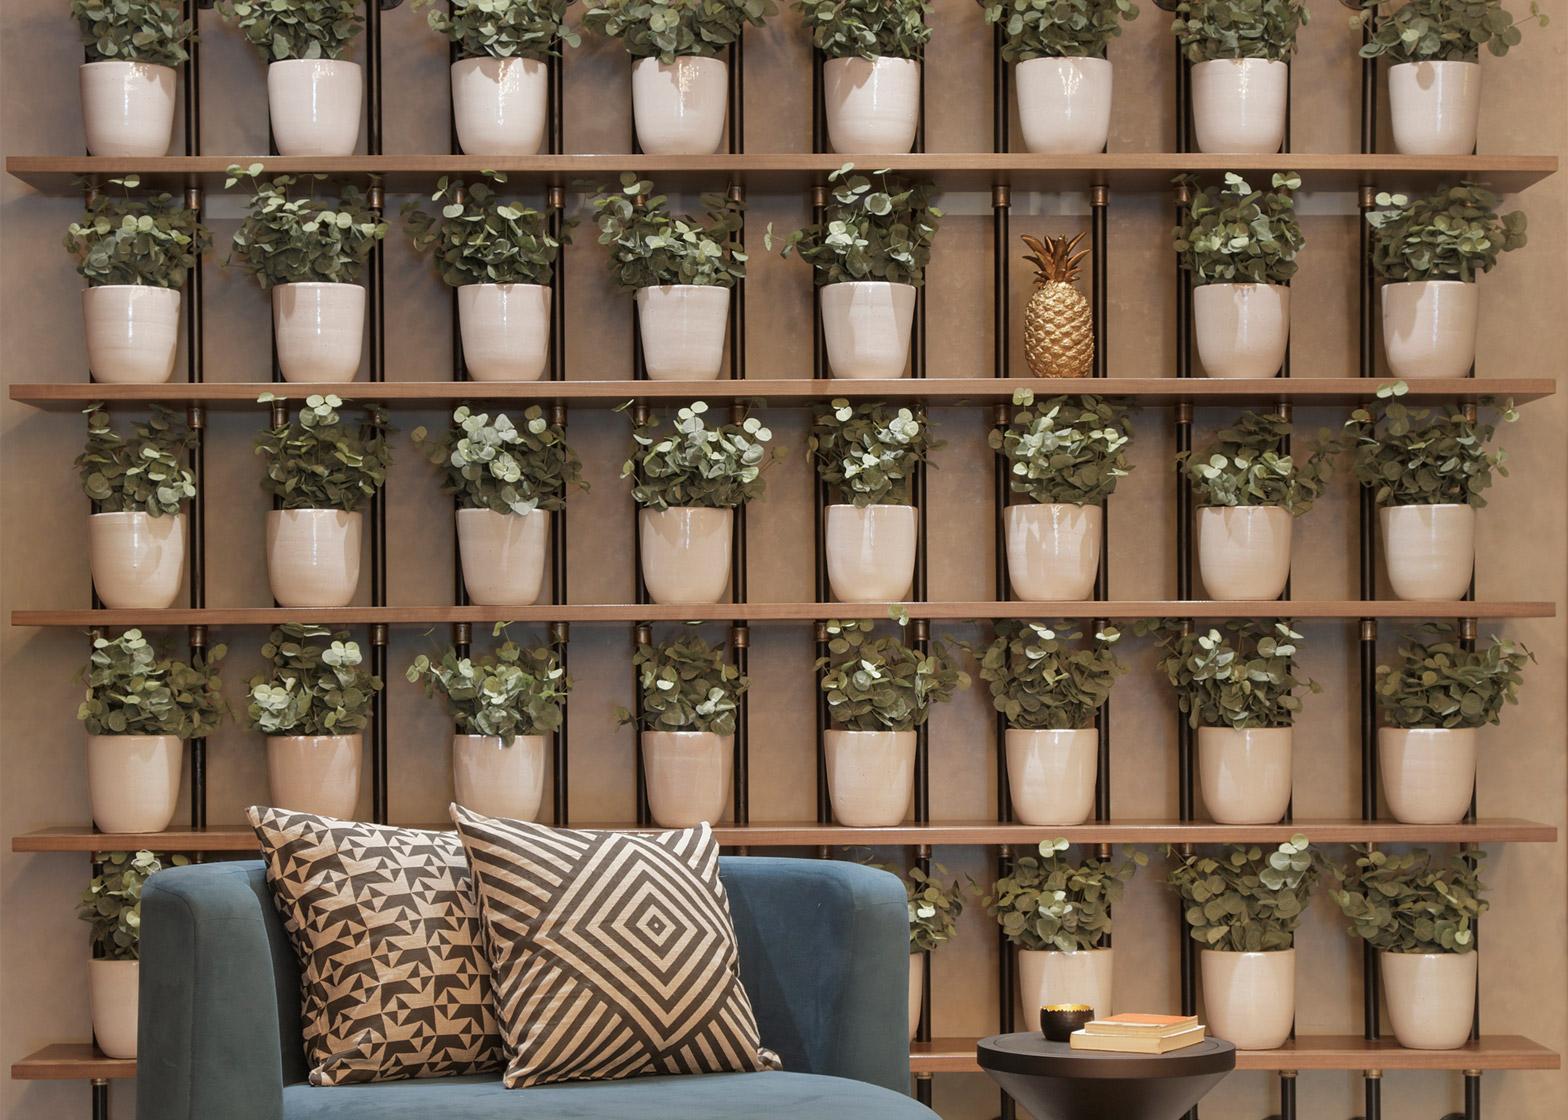 Yoo2 Hotel interiors by Melina Romano